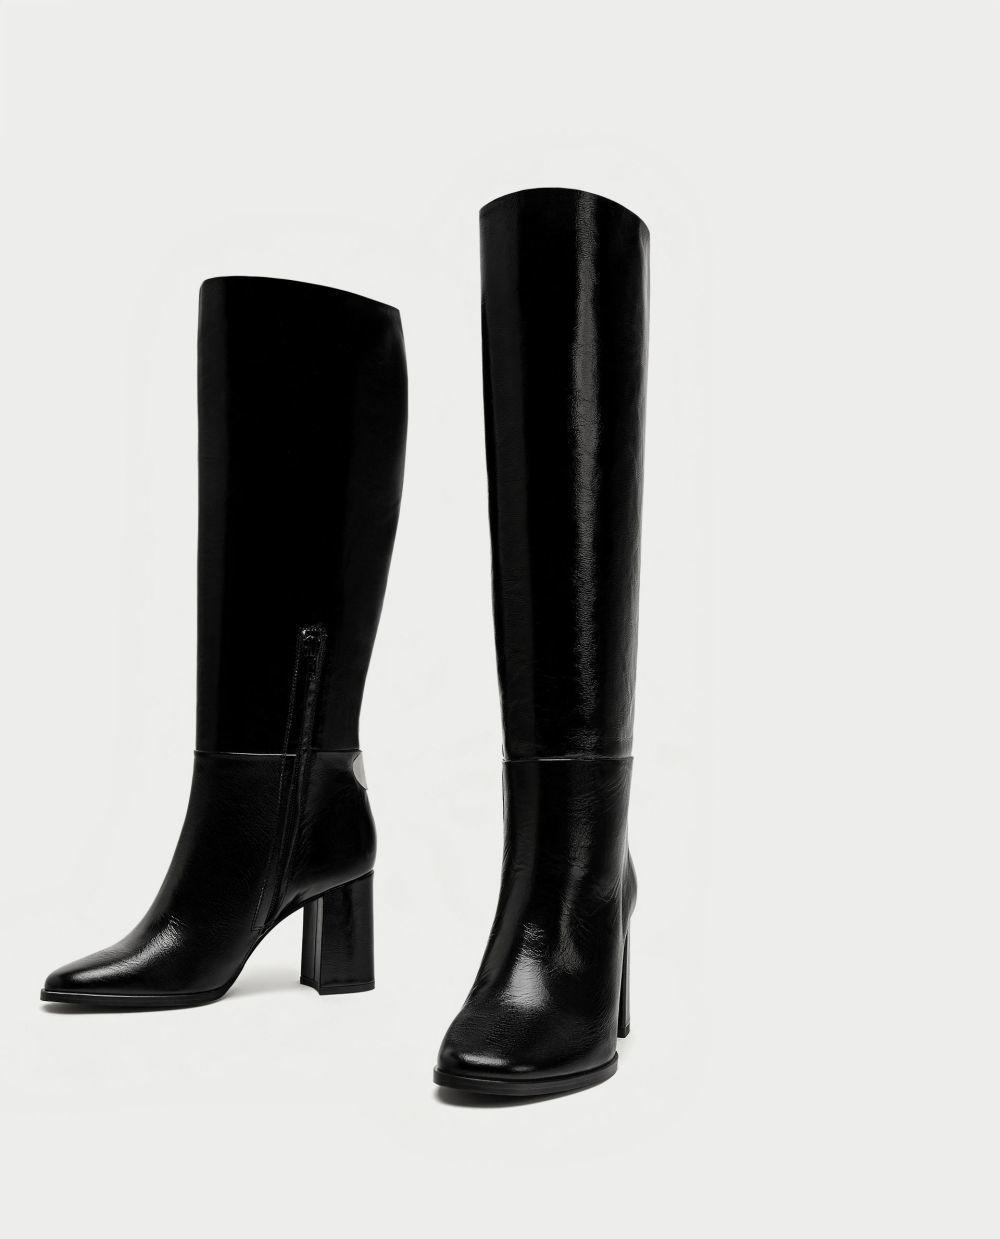 Botas de piel con tacón de Zara (79,95 euros)